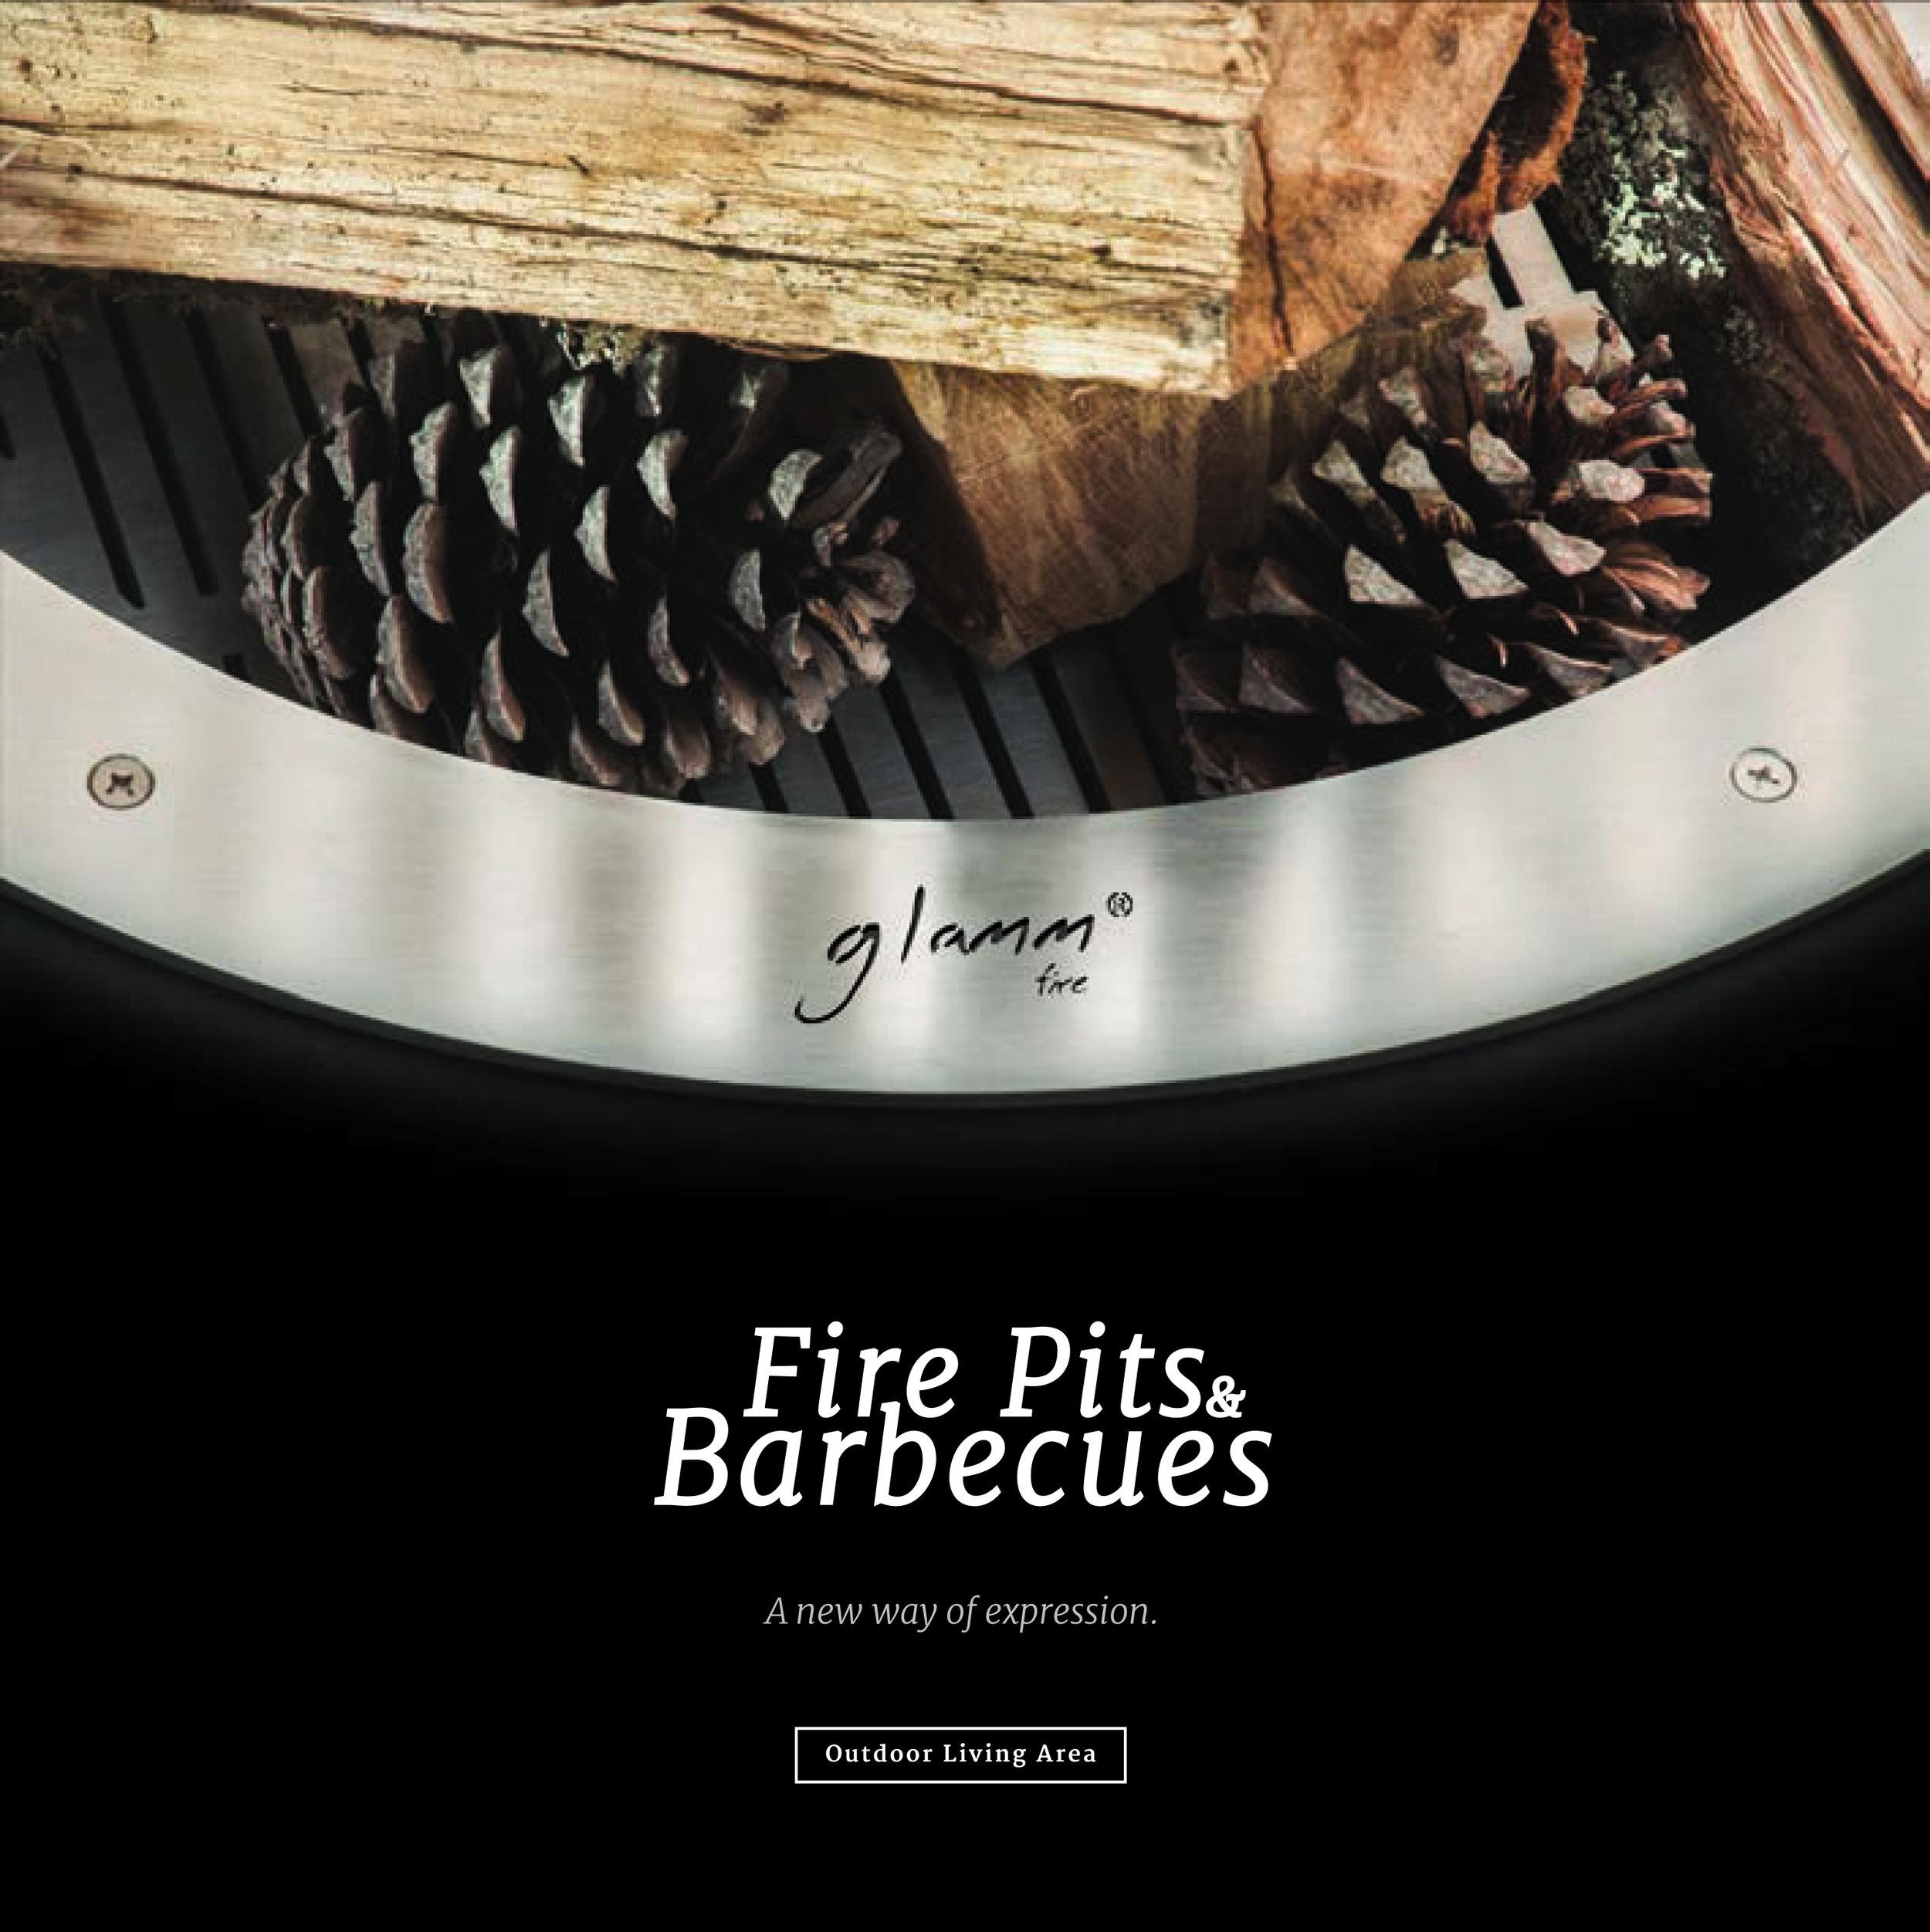 Glamm Fire Brochure